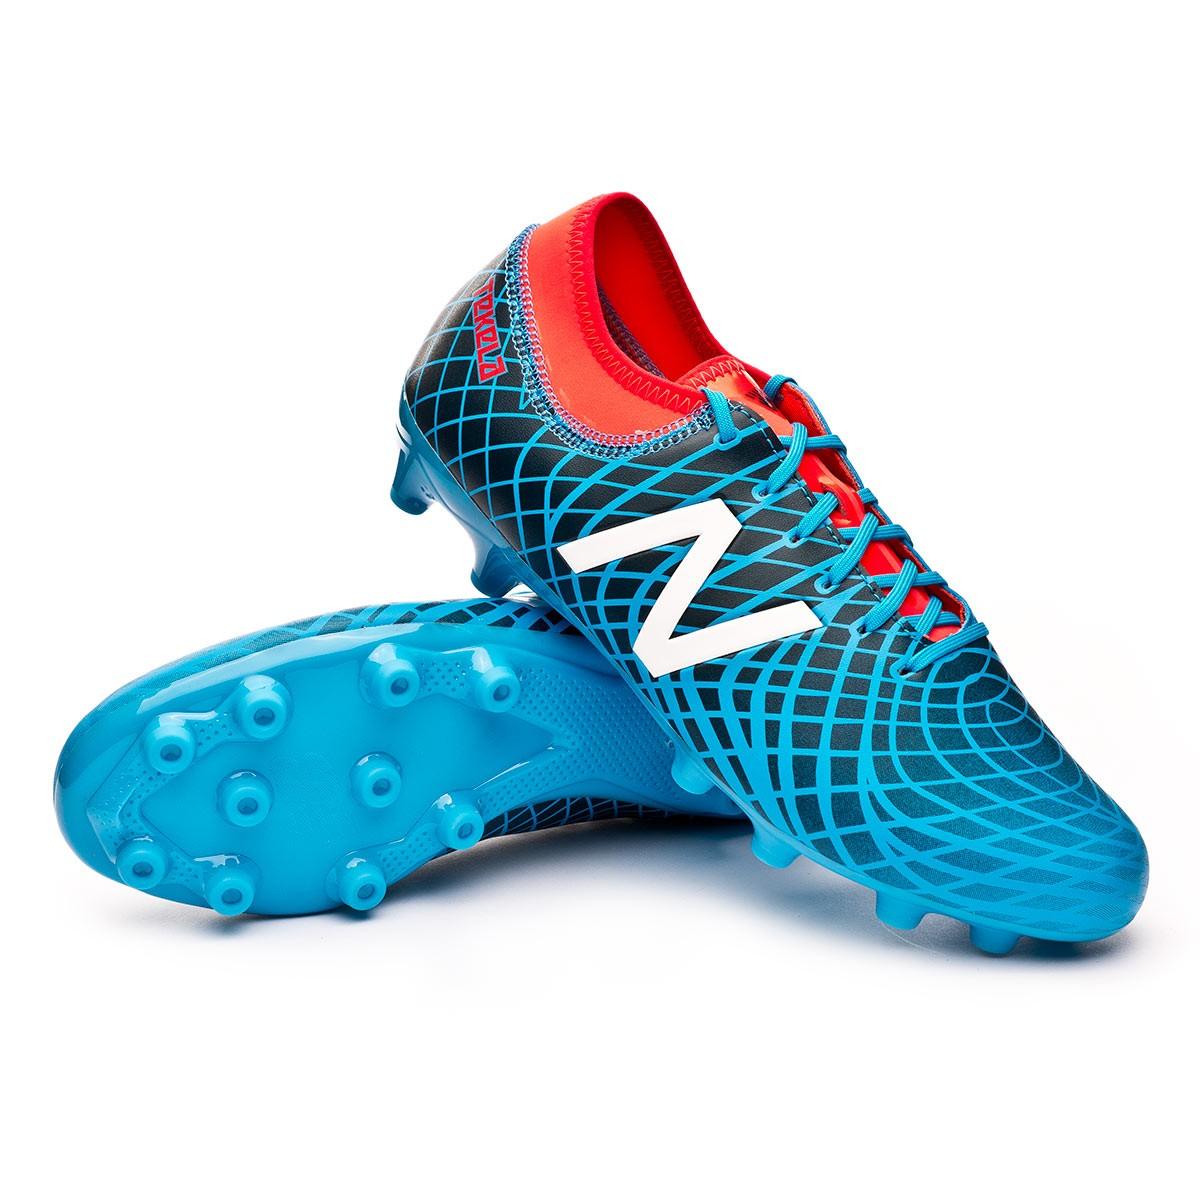 Football Boots New Balance Tekela 1.0